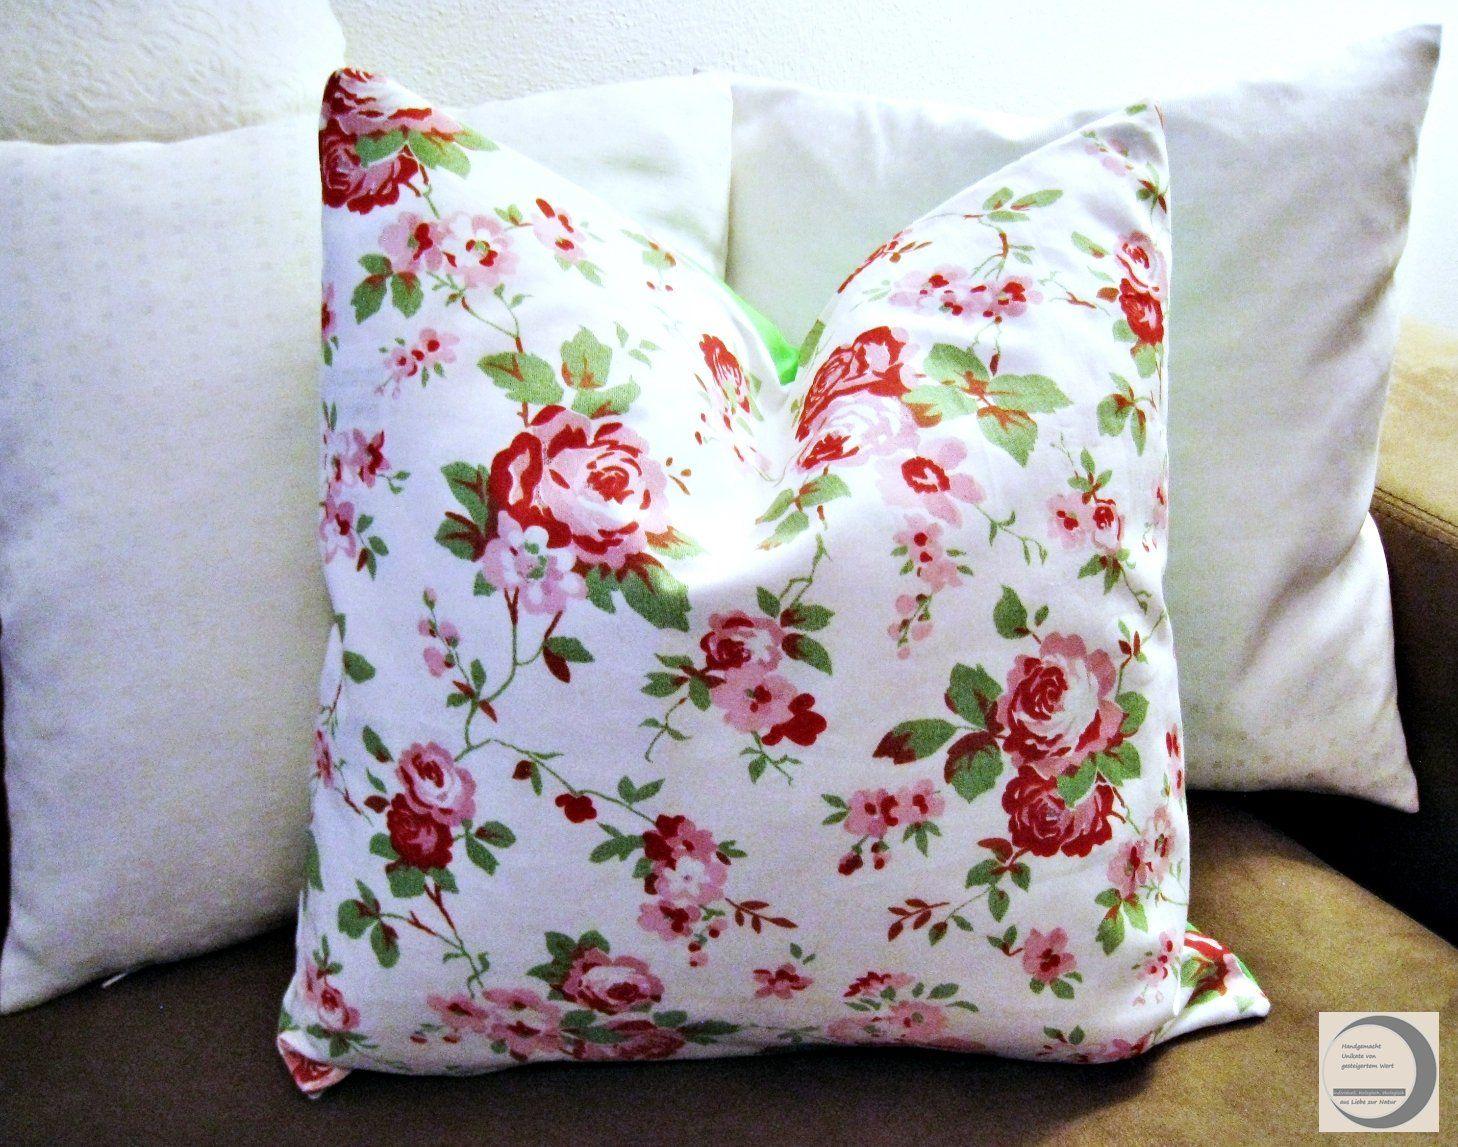 Pillowcase 40 X 40 Cm 15 75x15 75 Pillow Case With Rose Pattern Zipper Rosenmuster Kissenbezug 40x40 Und Kissenbezuge